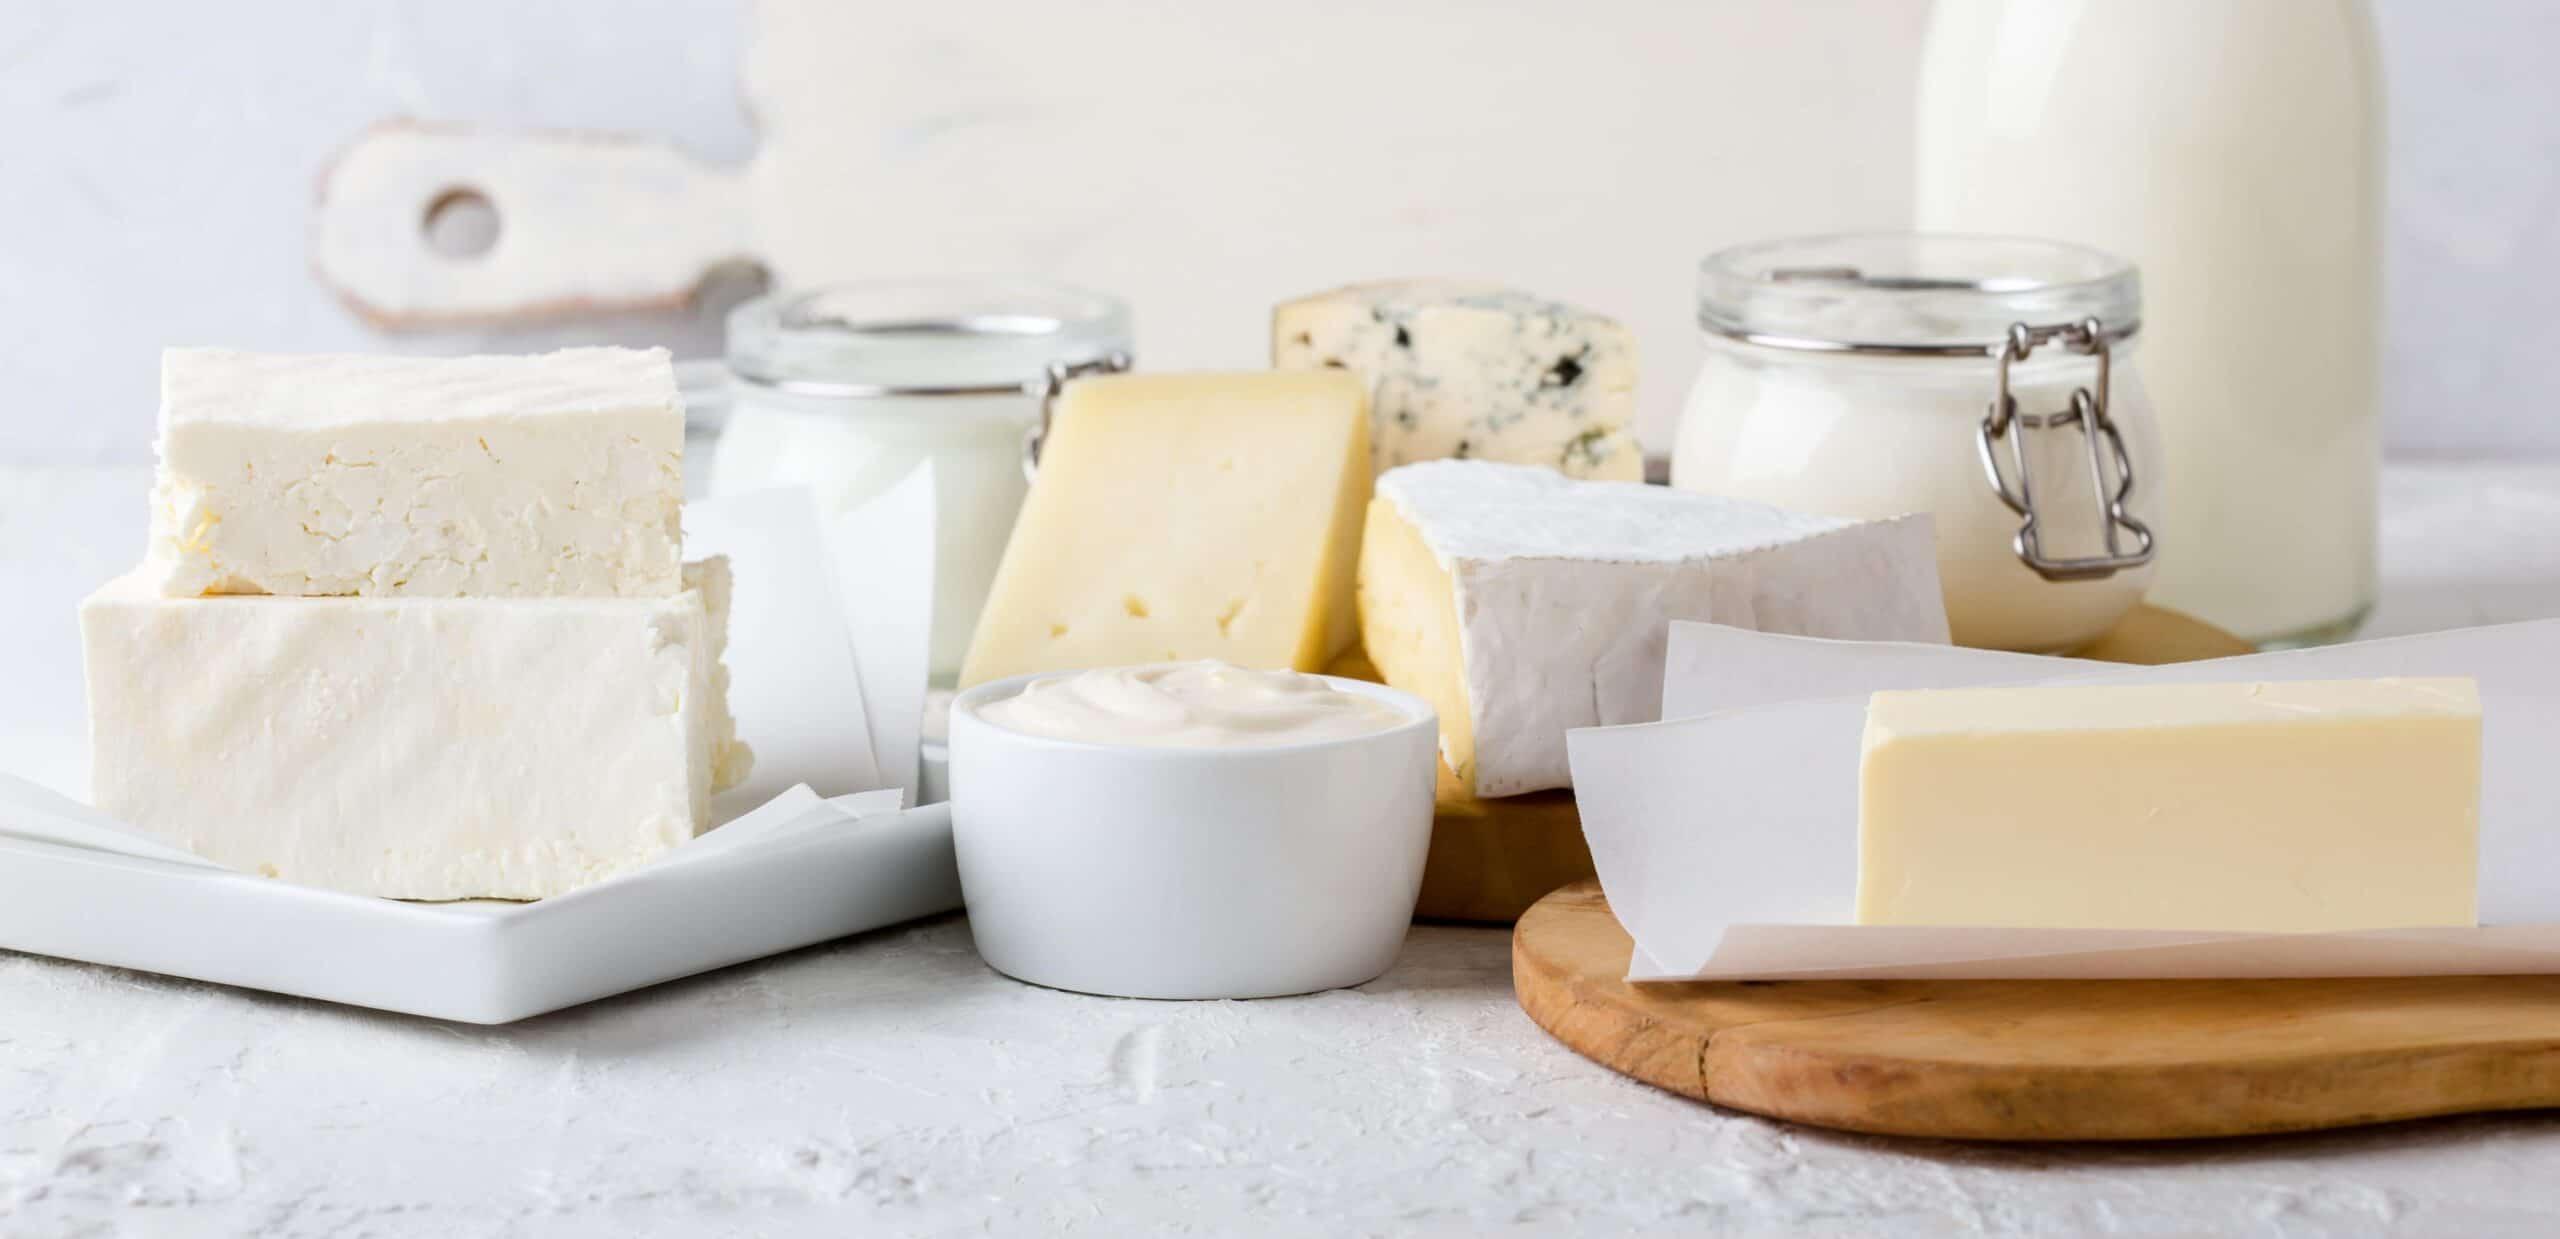 proteine latte e proteine siero del latte negli alimenti